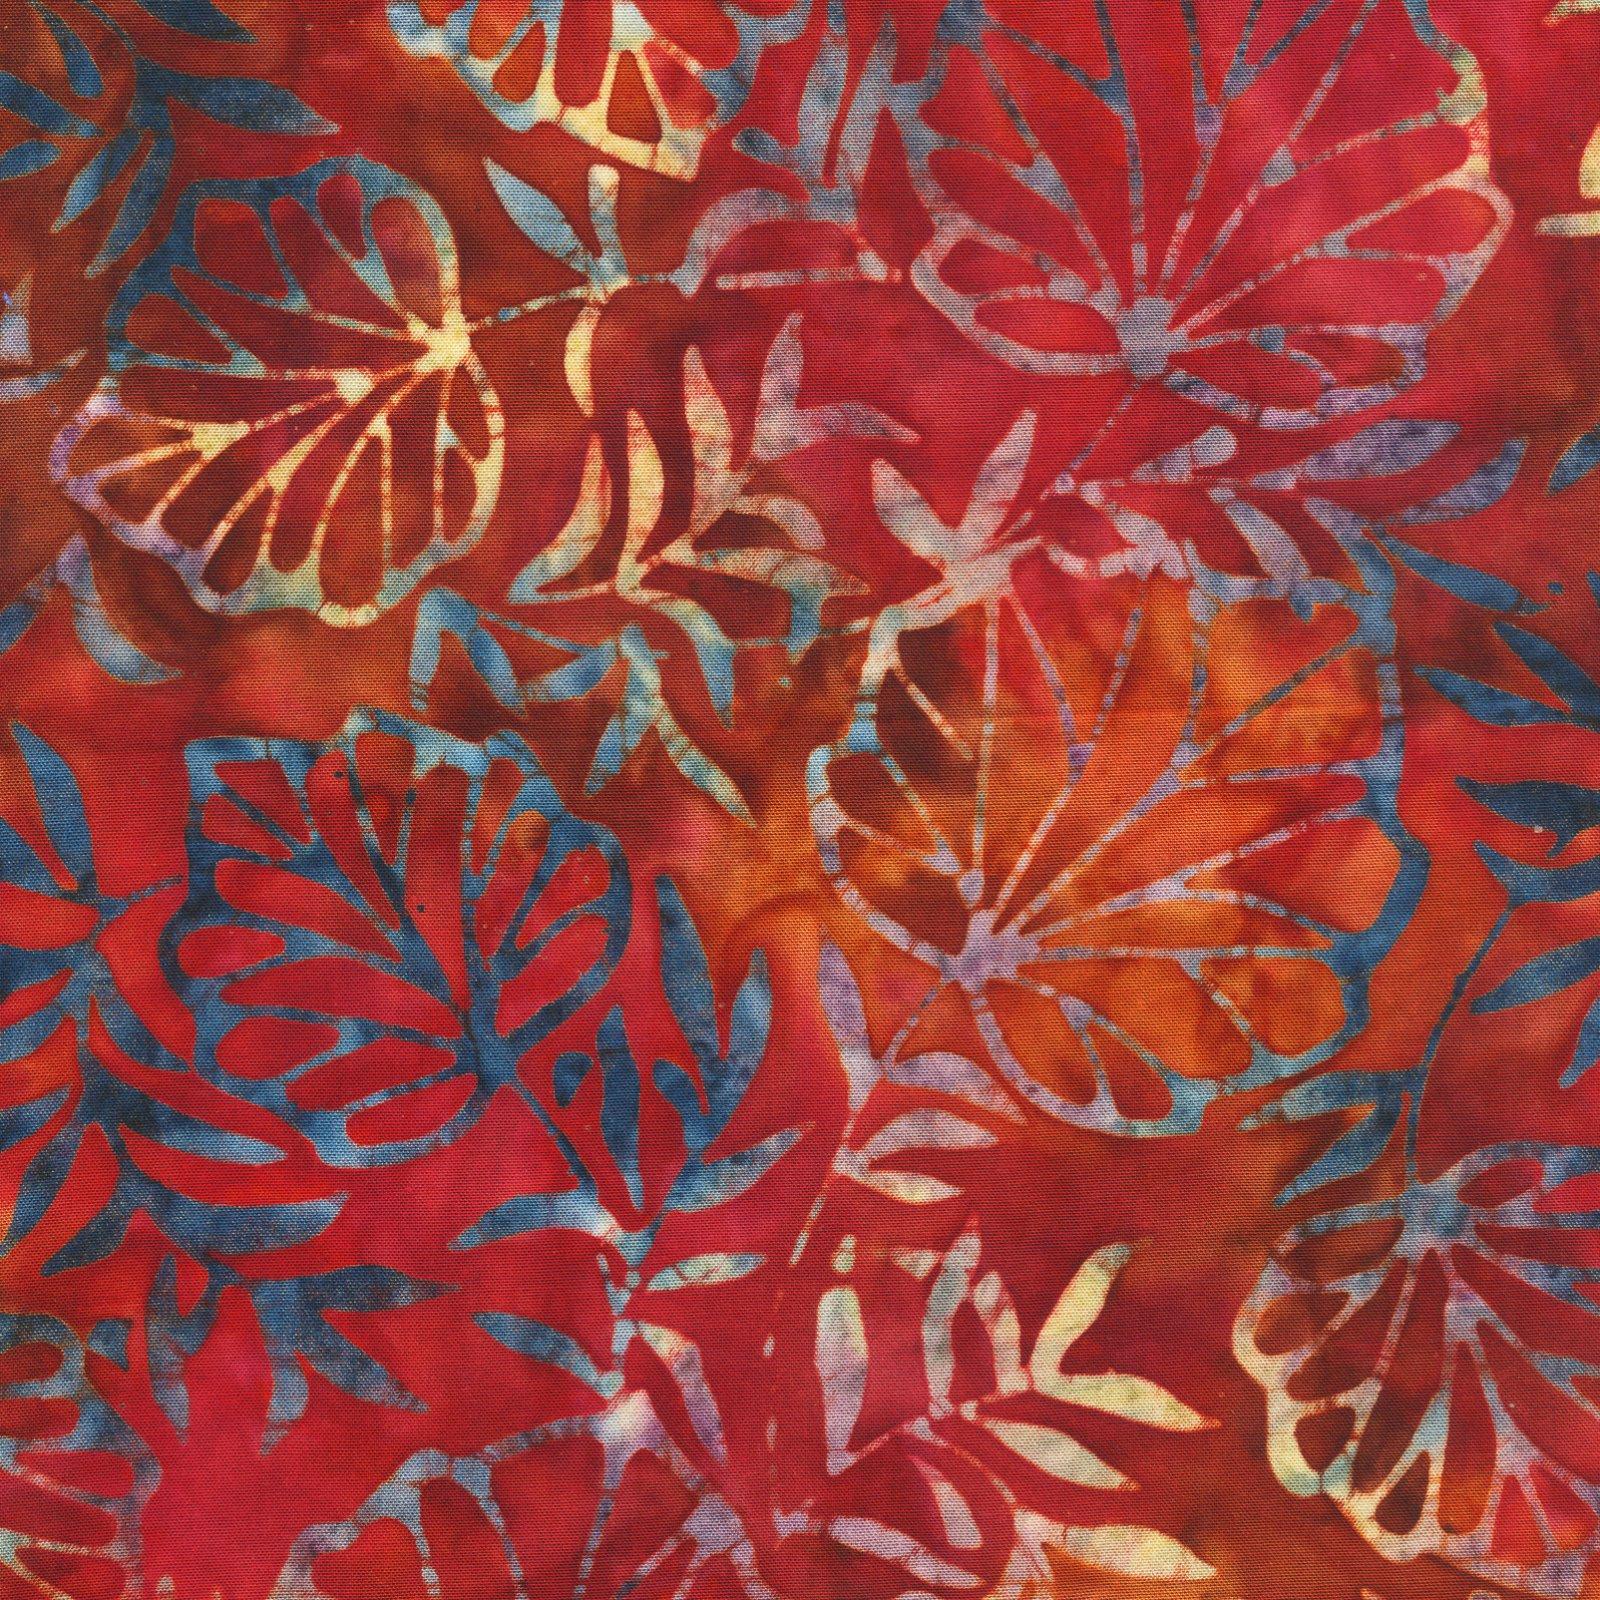 509Q-X Rayon Batiks by Anthology Fabrics